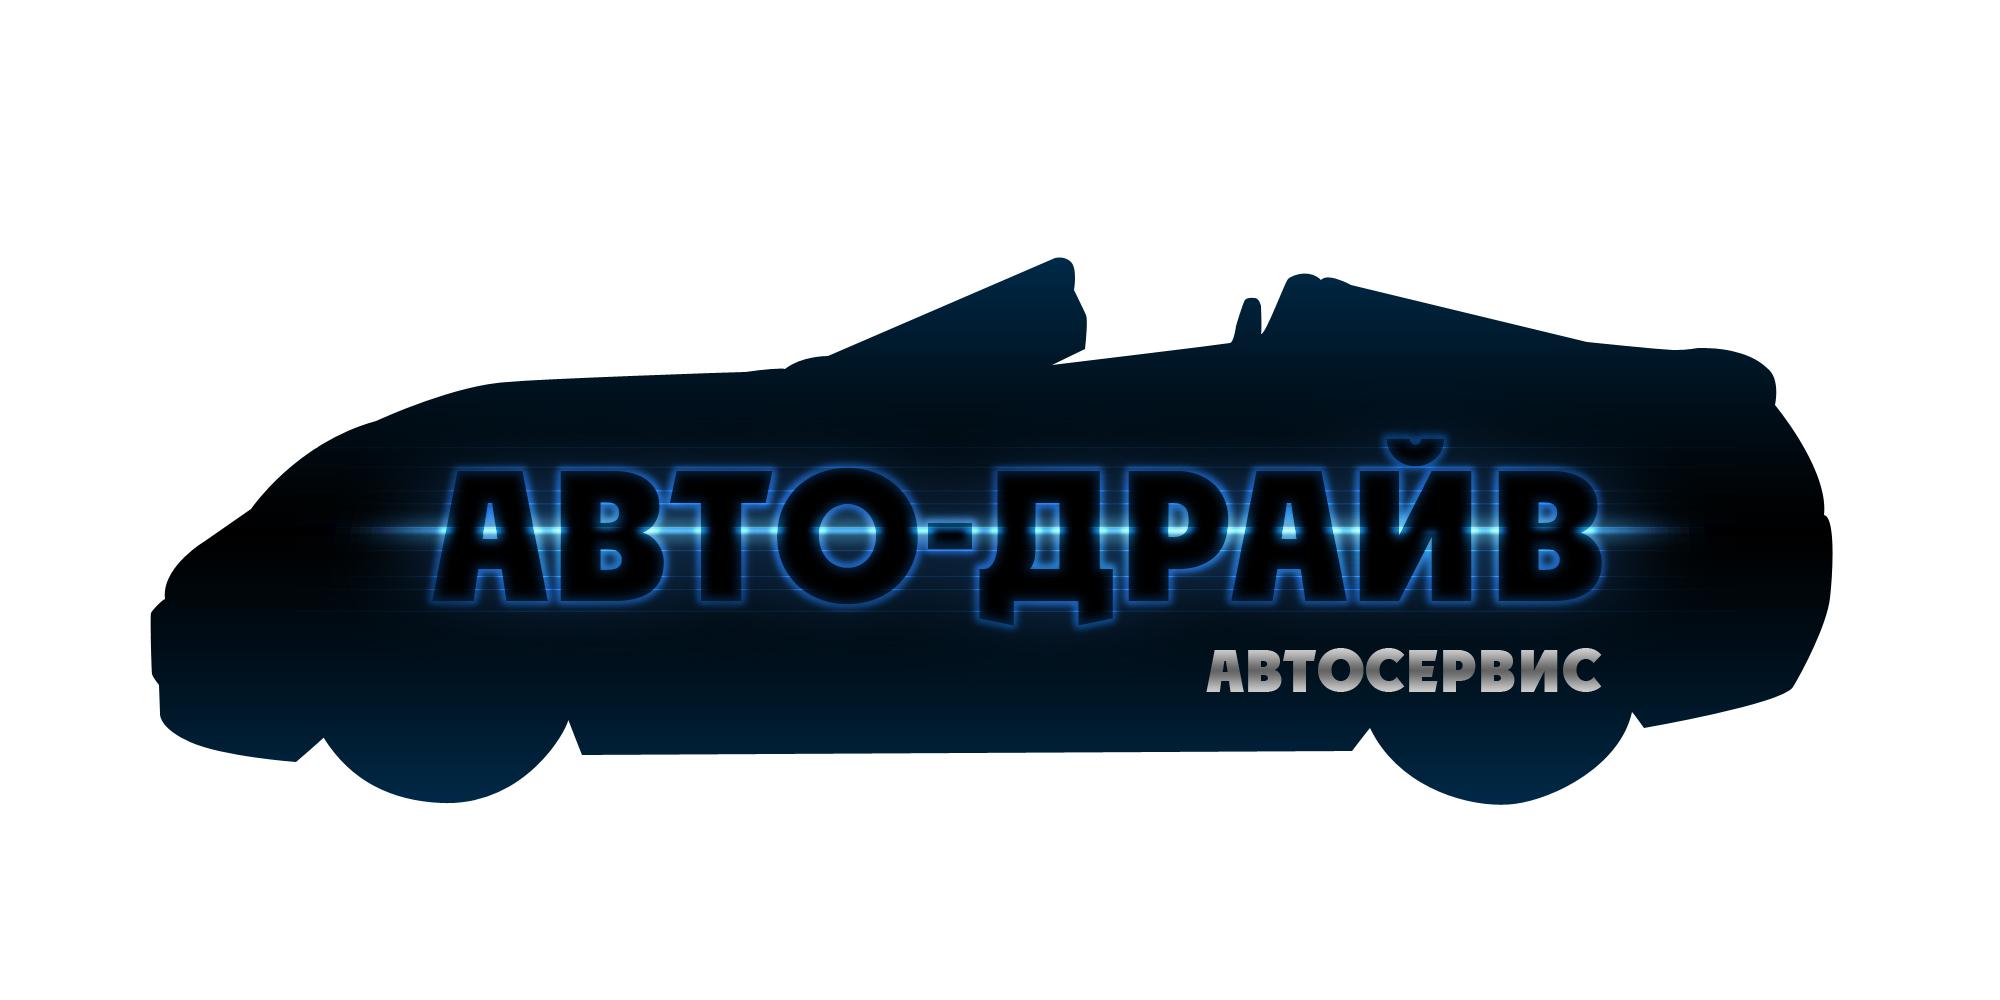 Разработать логотип автосервиса фото f_368513f7d6b5344e.jpg